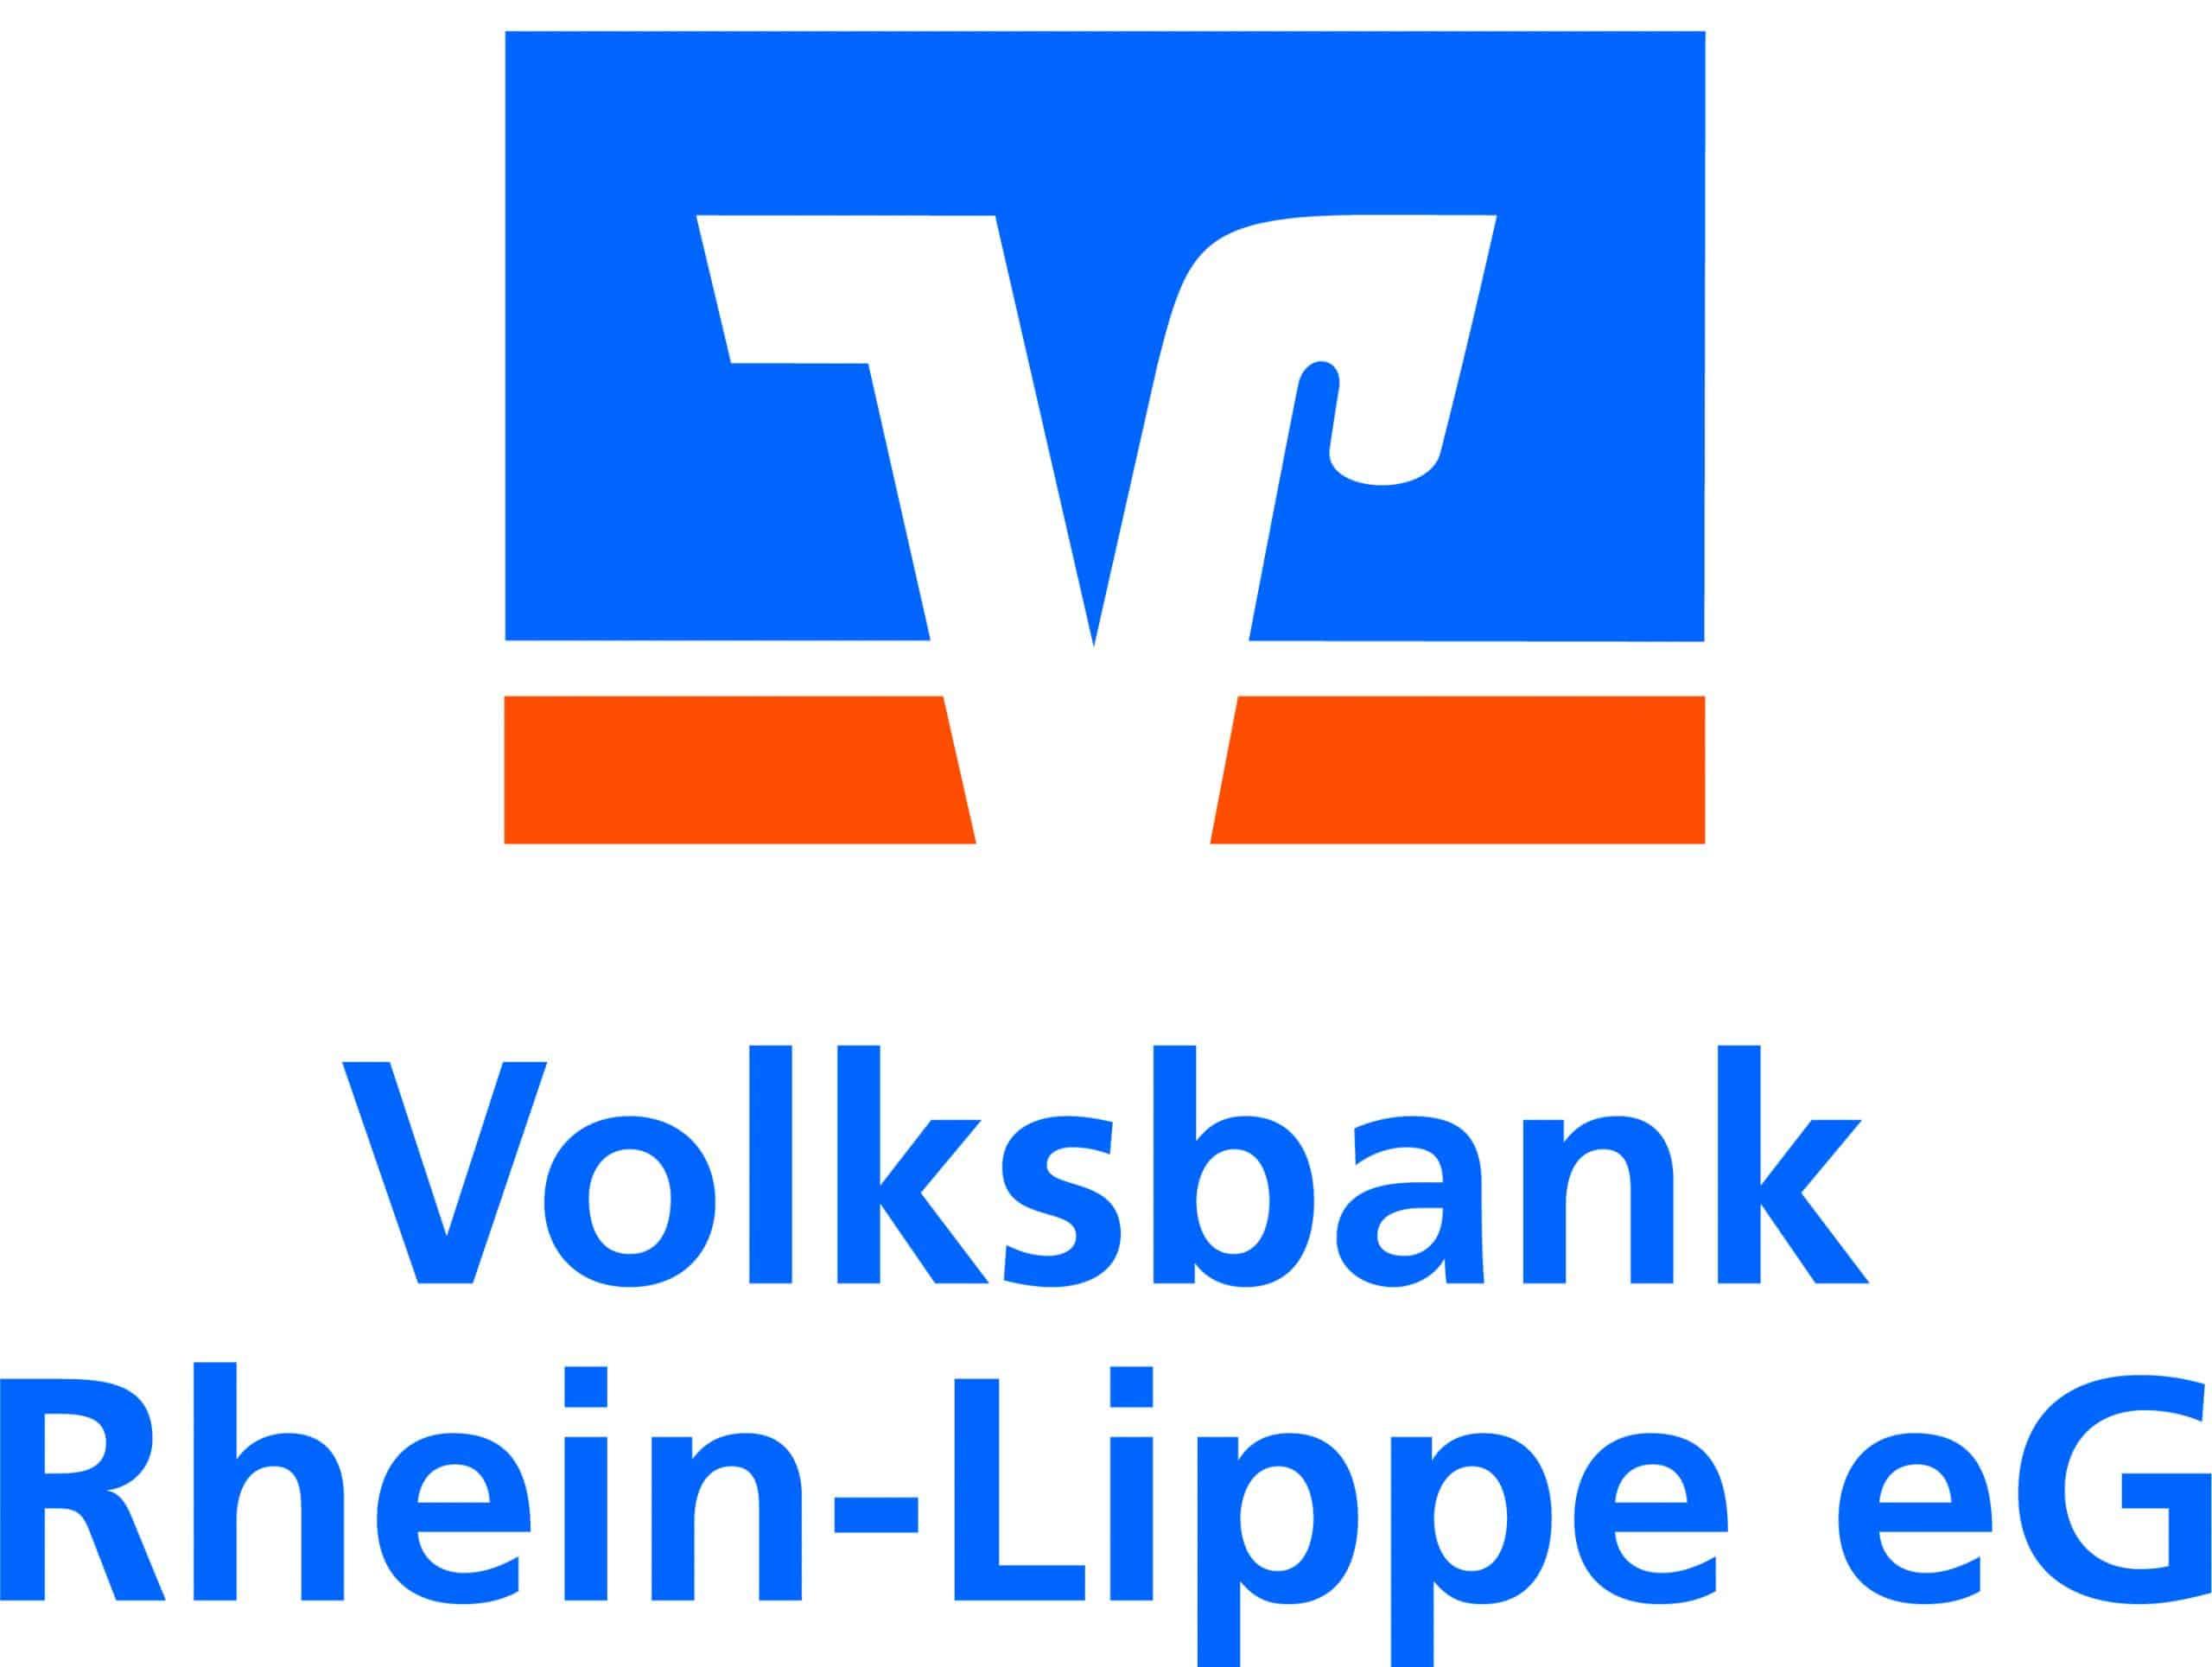 Das Bild zeigt das Logo der Volksbank Rhein-Lippe eG